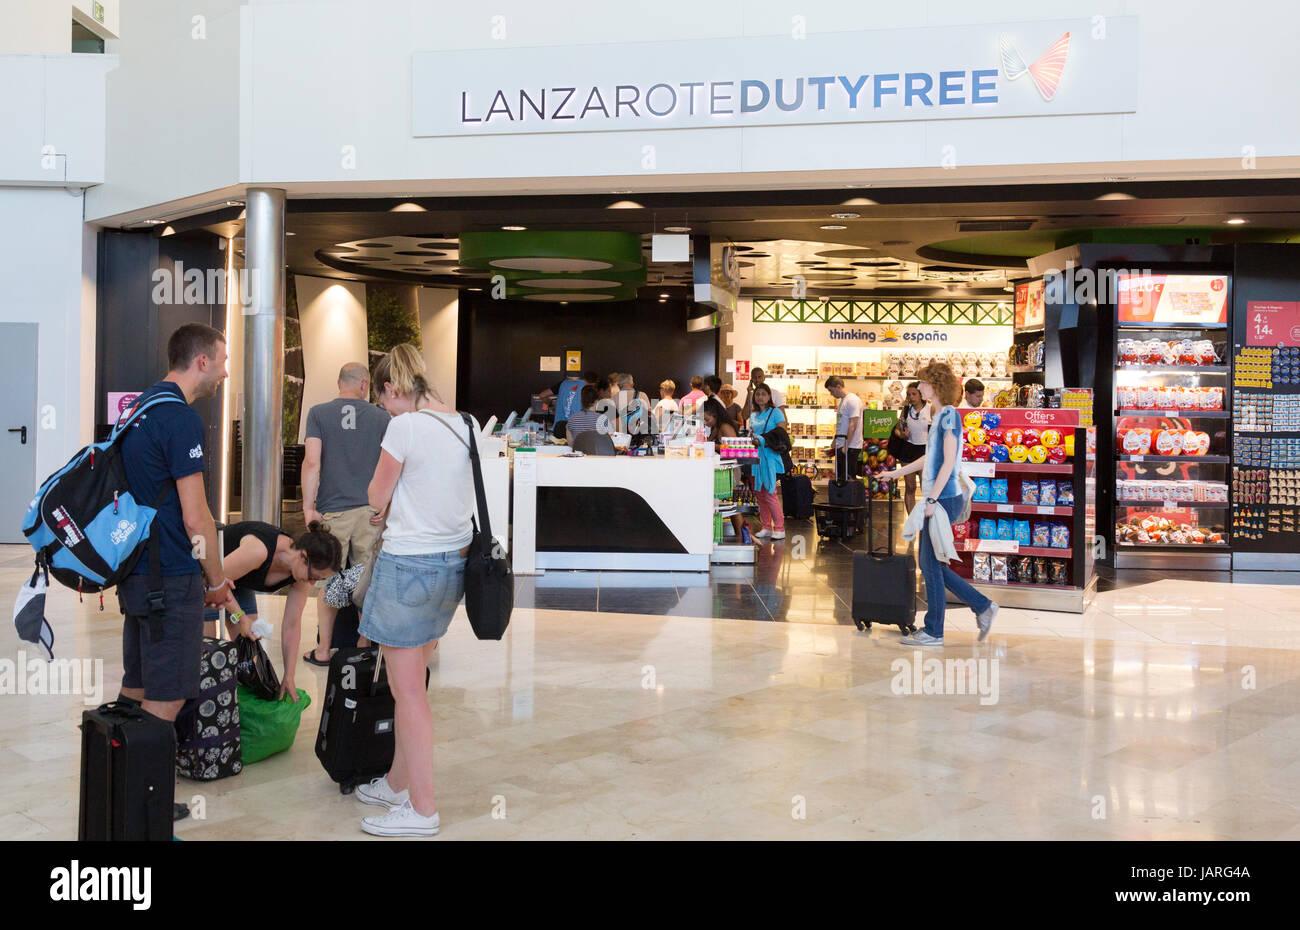 Duty Free Shop, Flughafen von Lanzarote, Lanzarote, Kanarische Inseln, Europa Stockbild